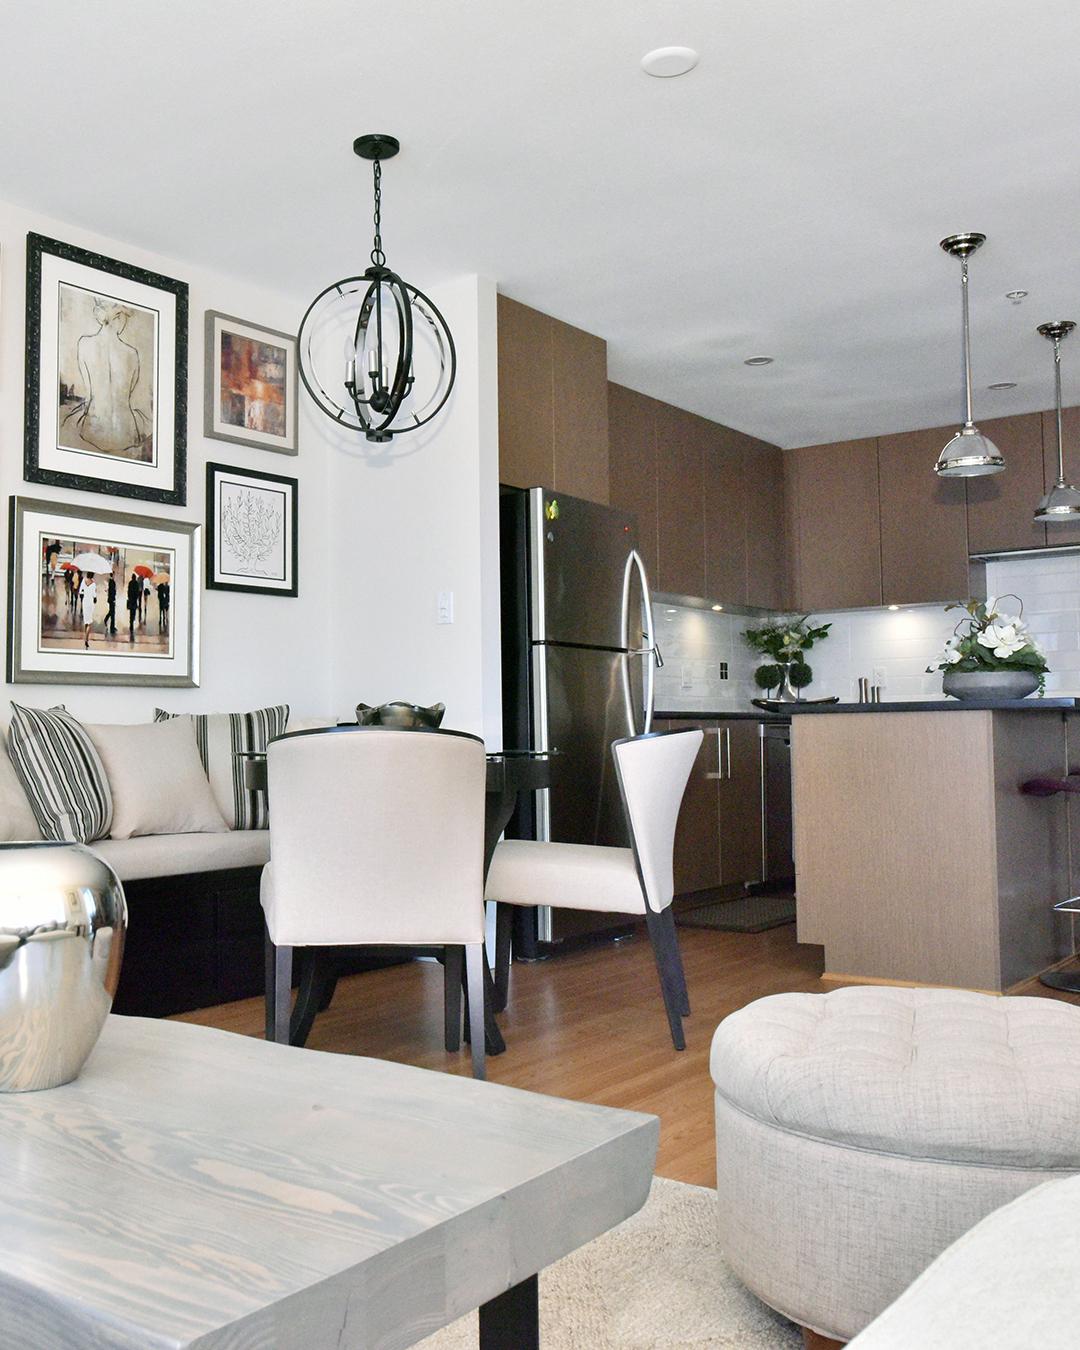 Interior Design by Tracy Svendsen | Small Condo Design